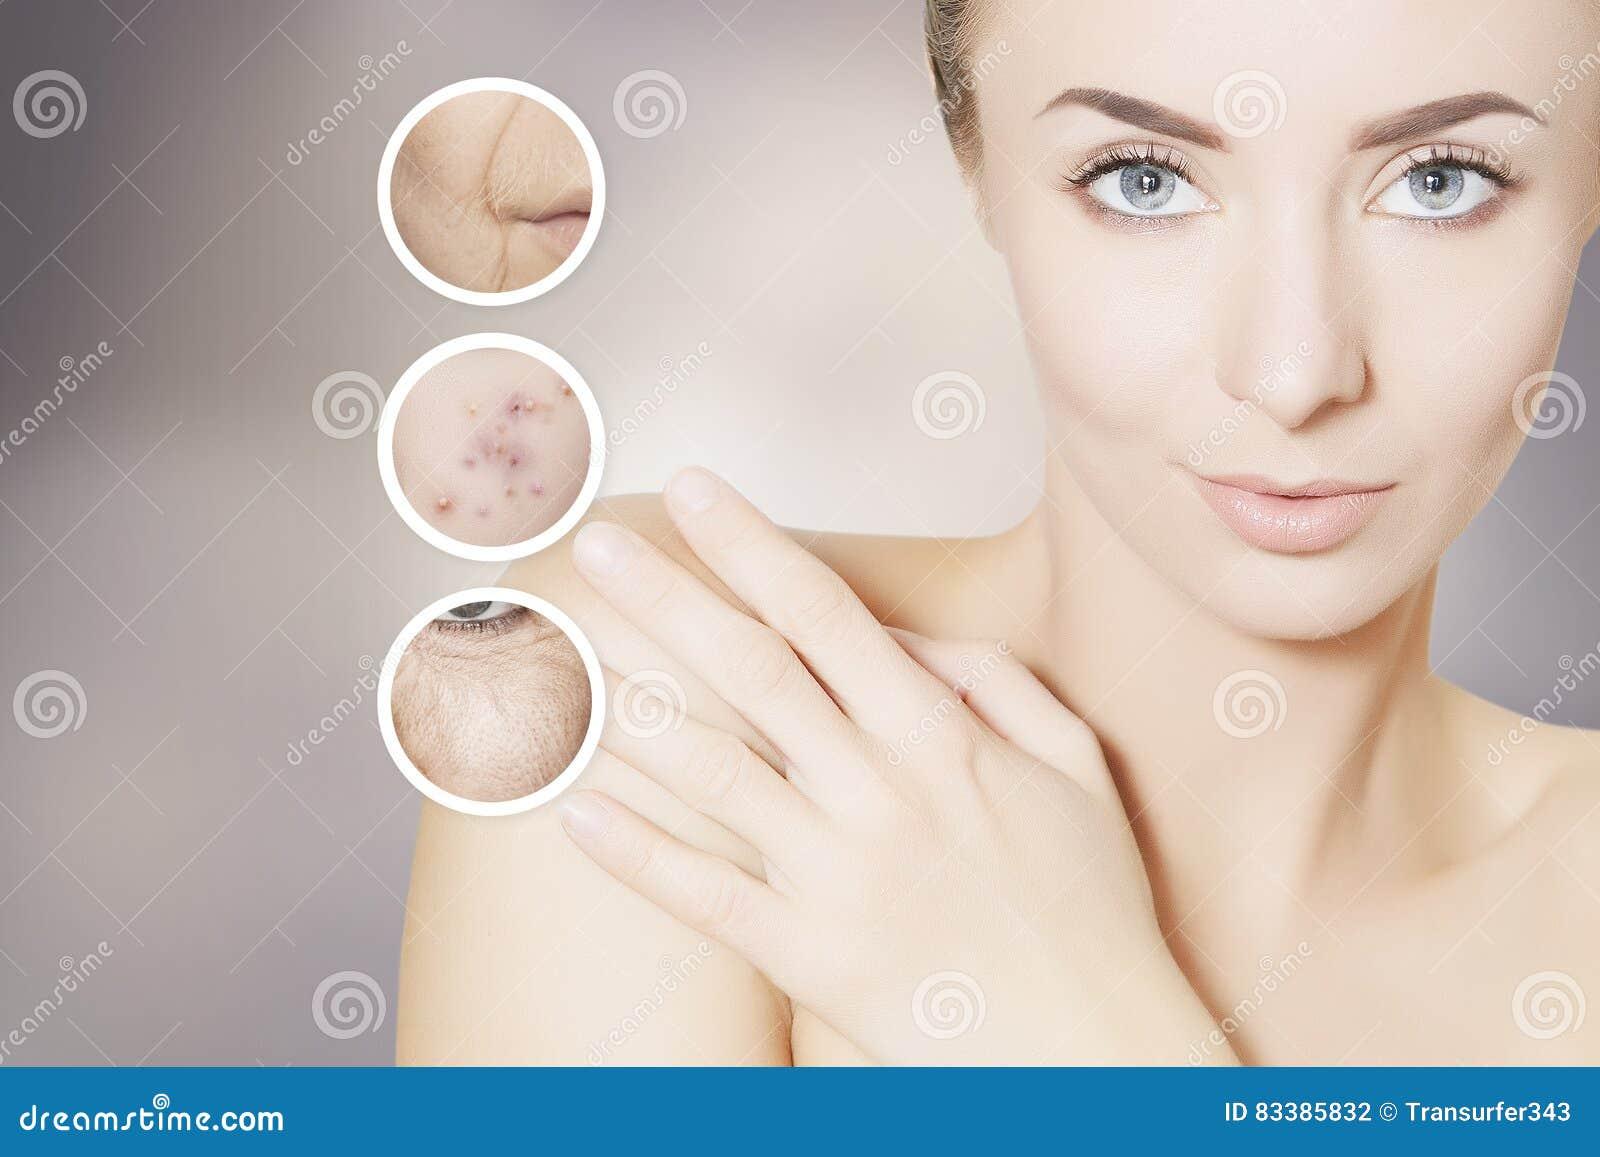 Renovando o retrato da pele da mulher com círculos gráficos para a pancada